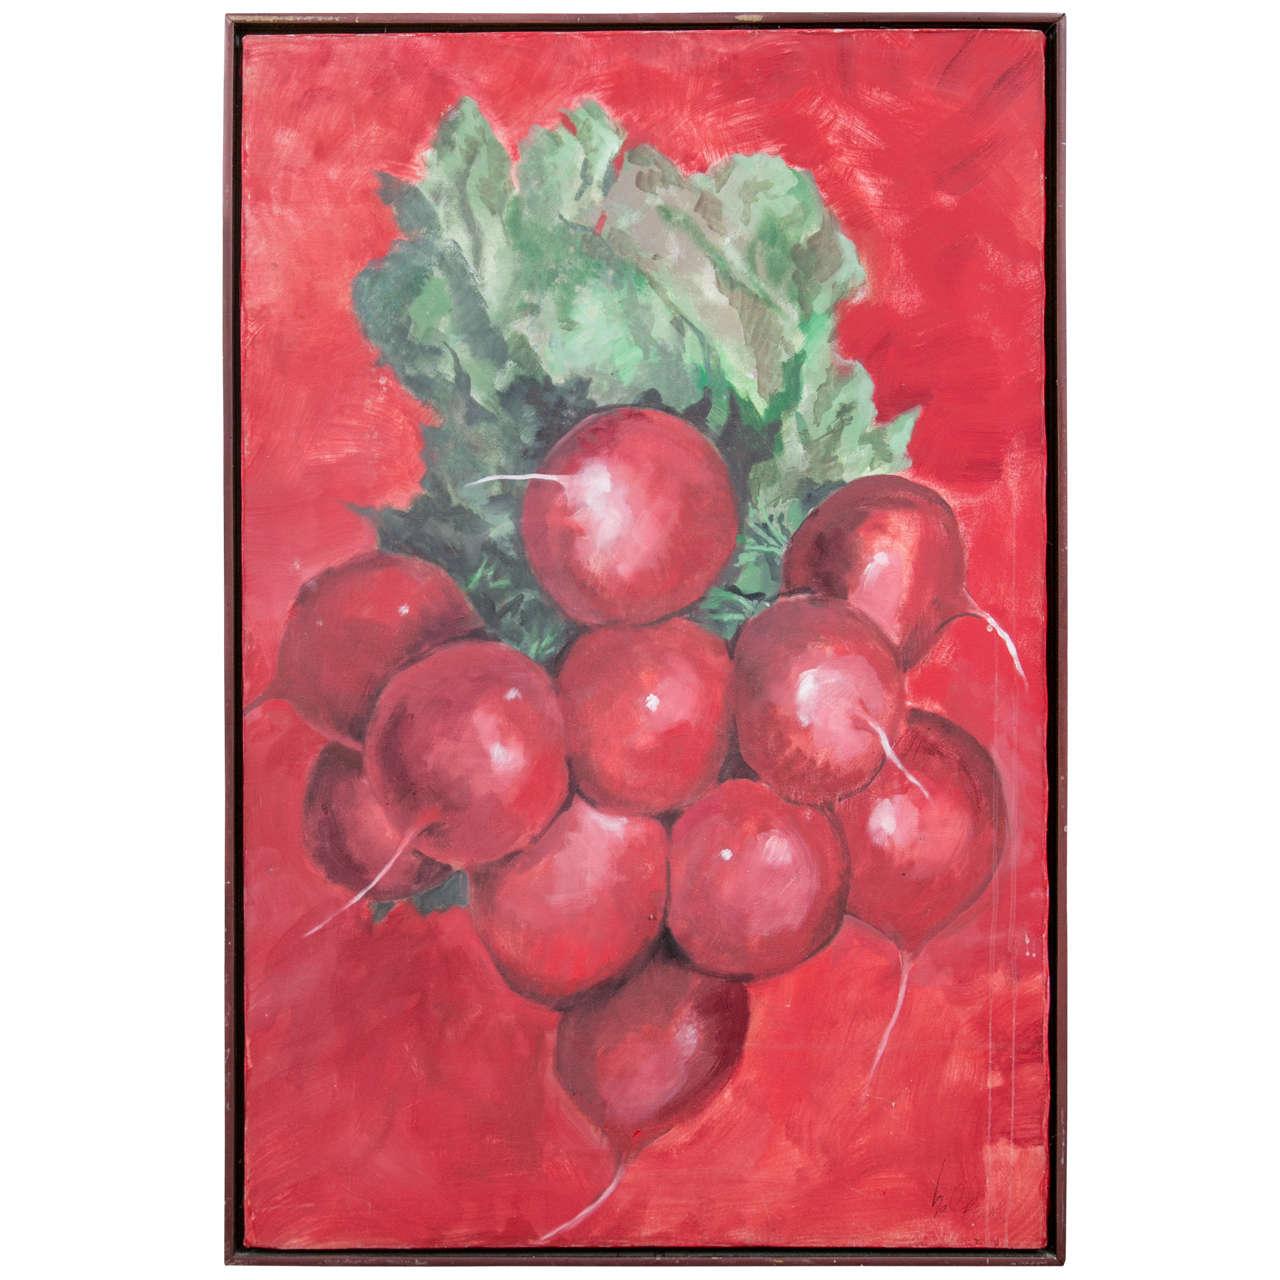 Resultado de imagem para radishes 1960s